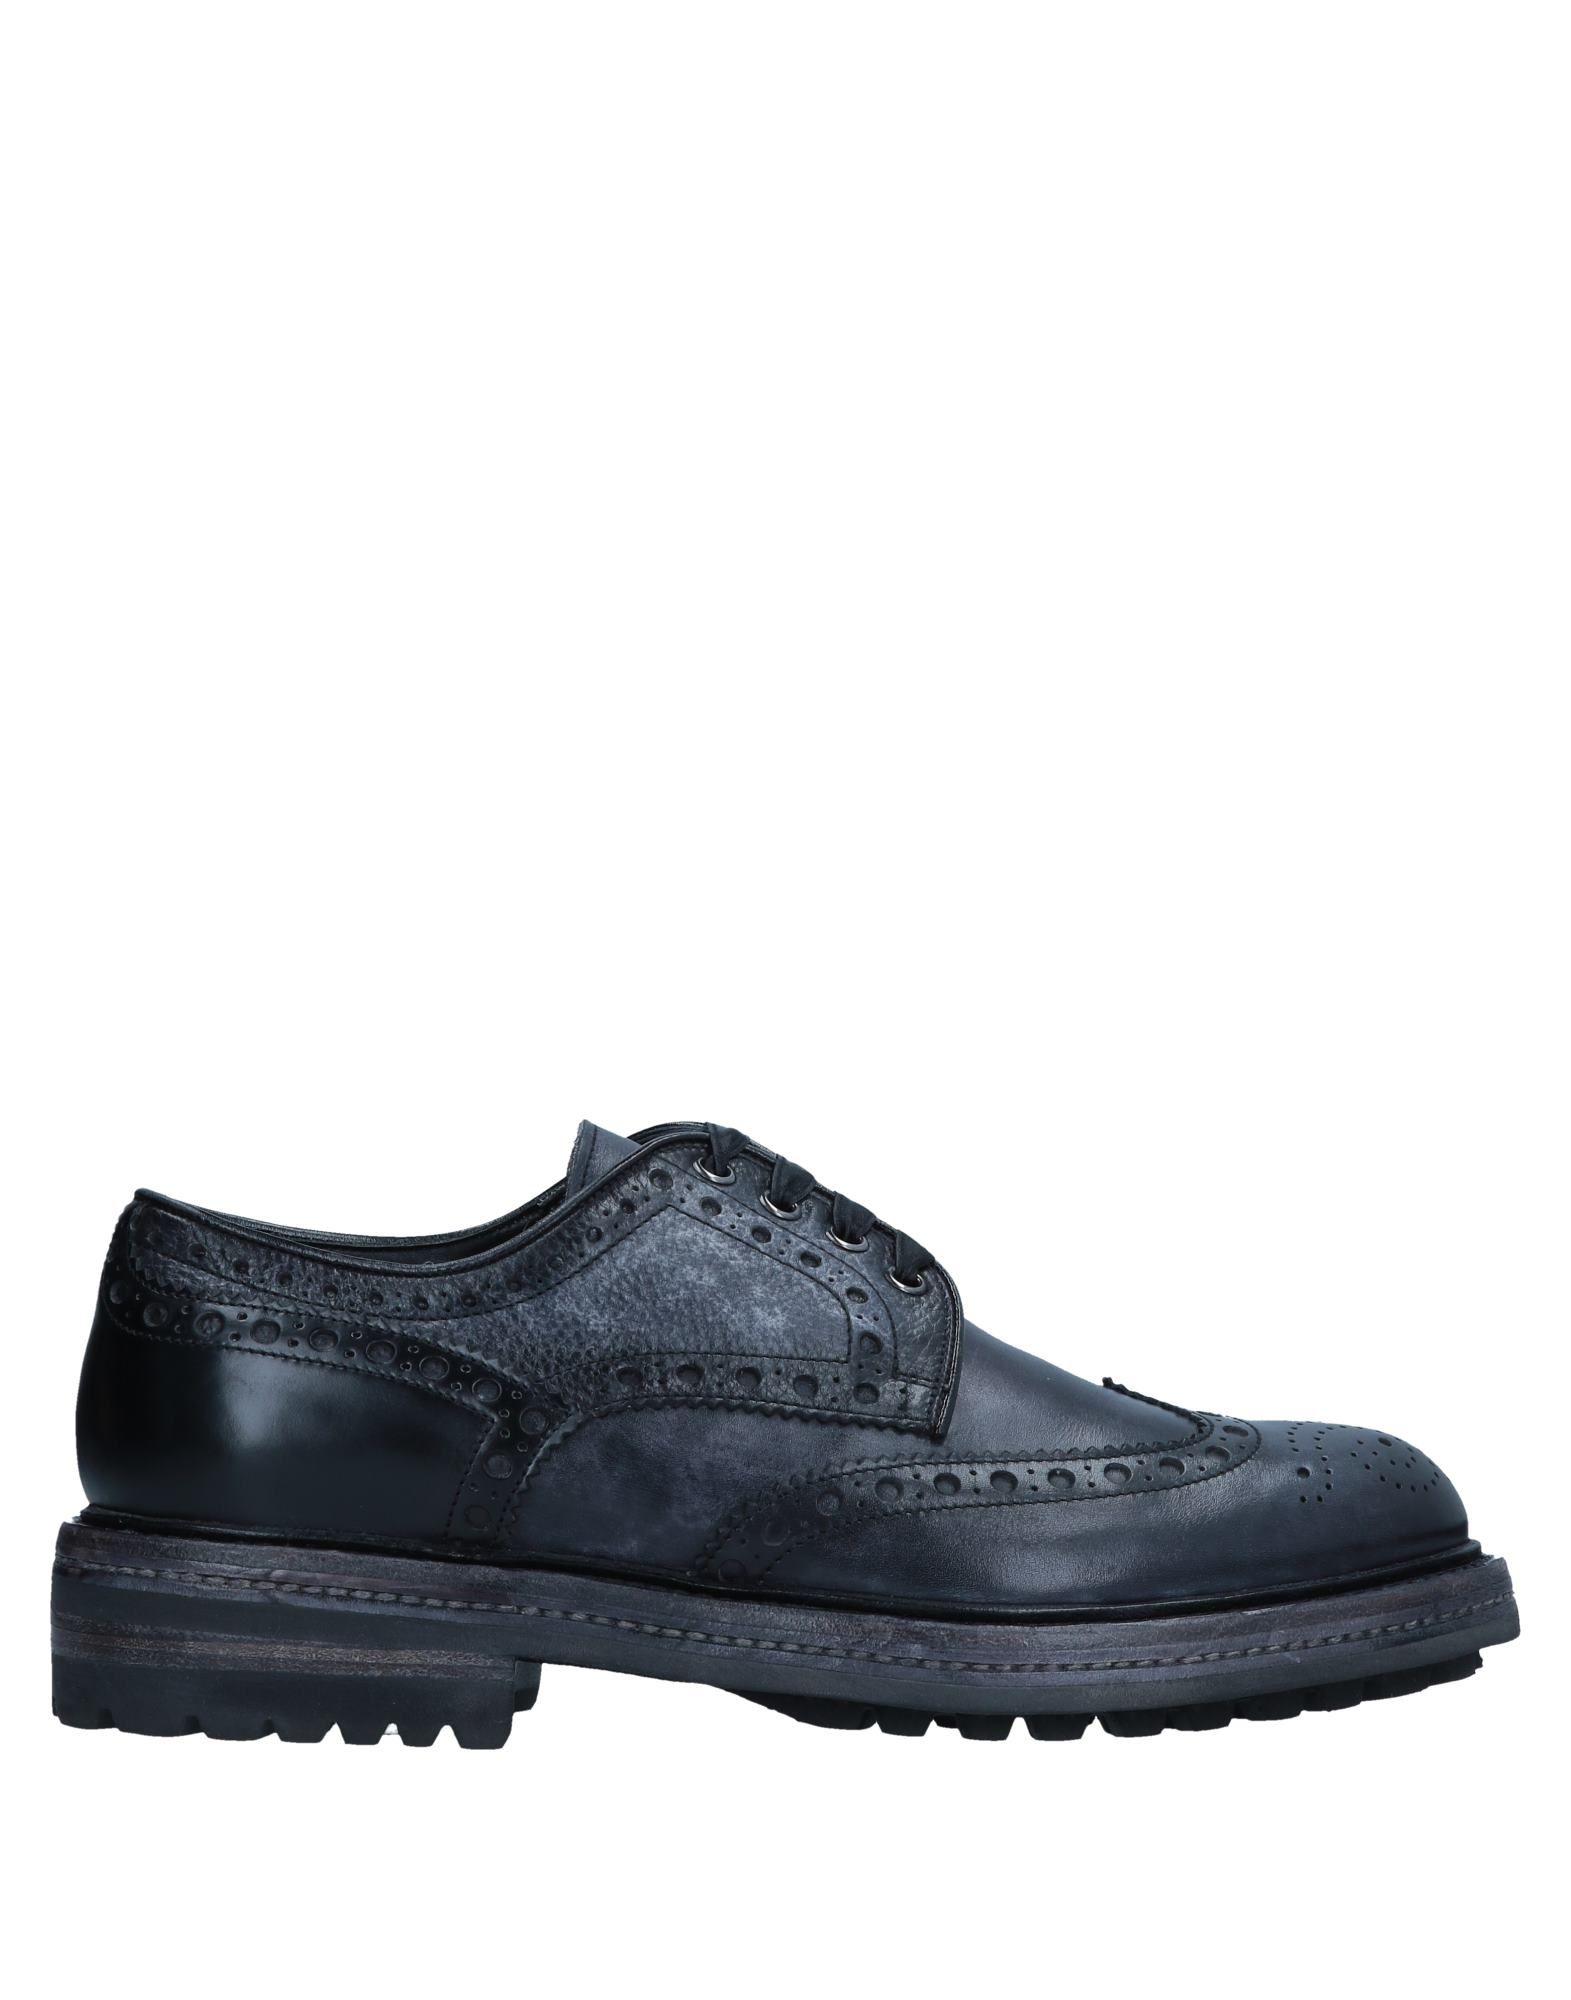 Santoni Schnürschuhe Herren  11285863RT Gute Qualität beliebte Schuhe